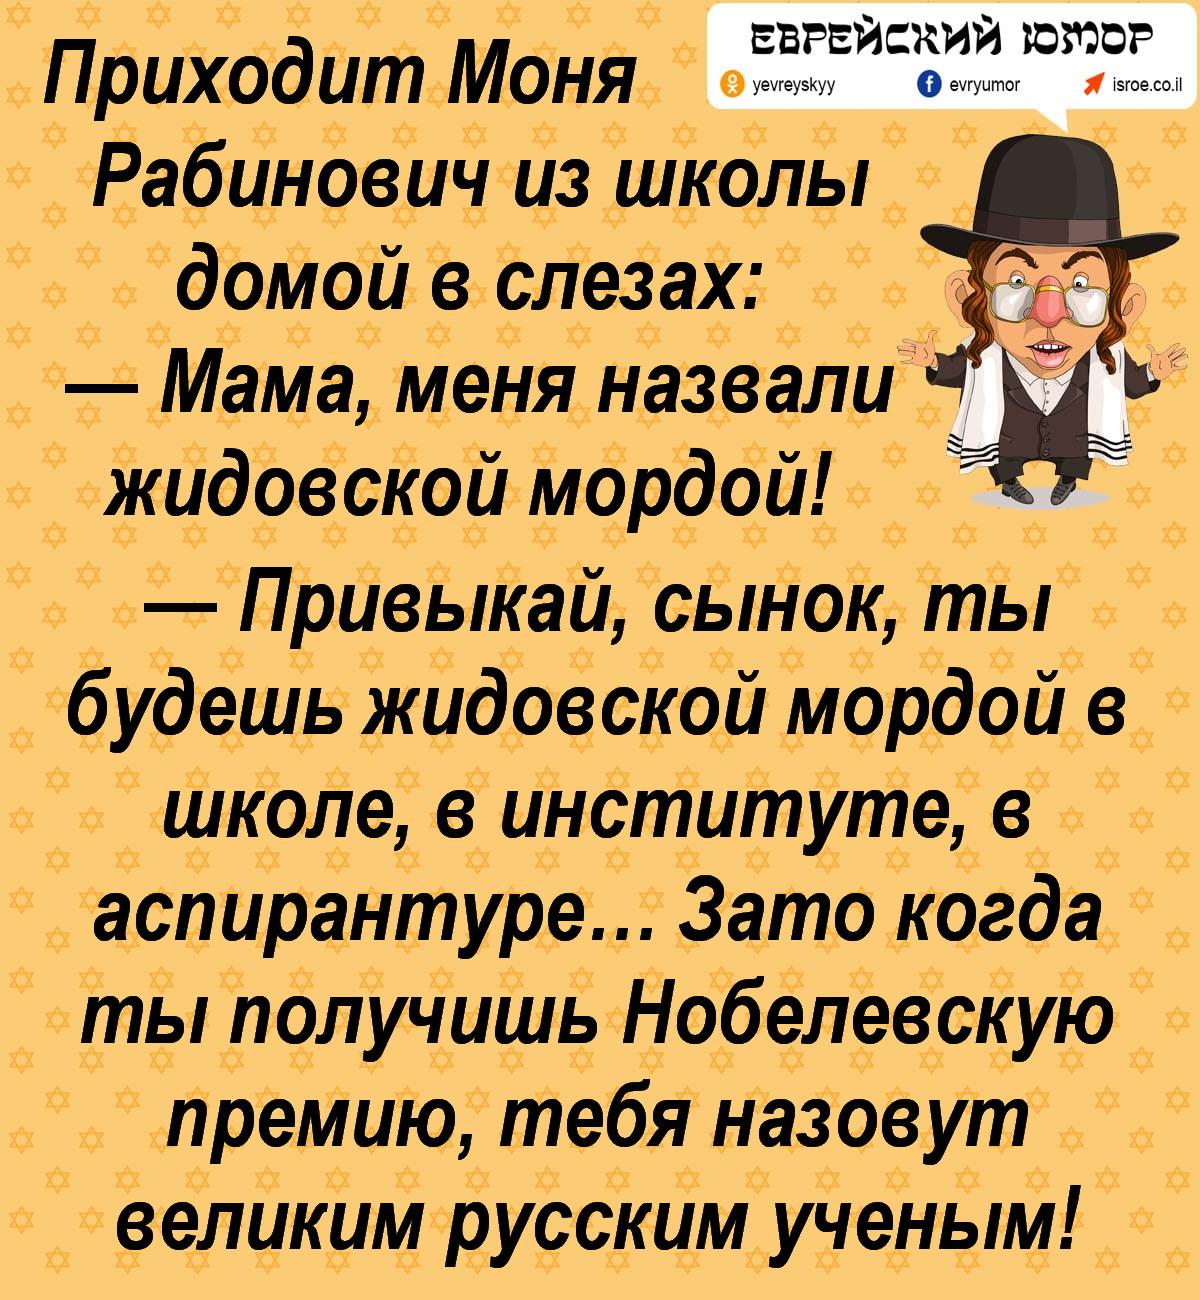 Анекдоты про евреев смешные картинки